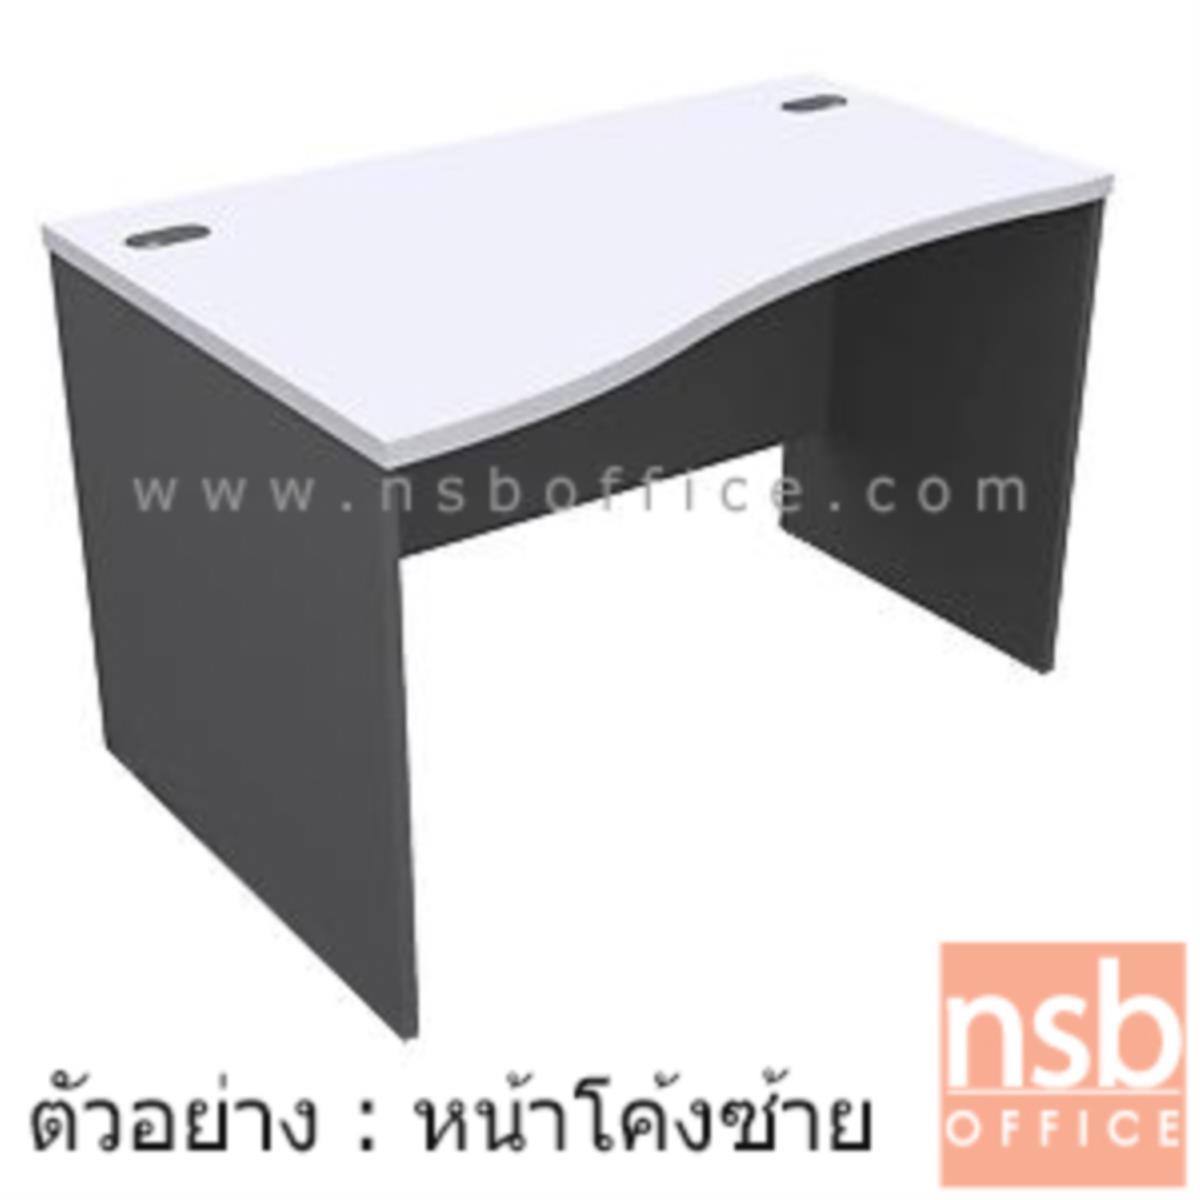 โต๊ะทำงานโล่ง  ขนาด 120W ,135W ,150W ,165W ,180W cm.  เมลามีน